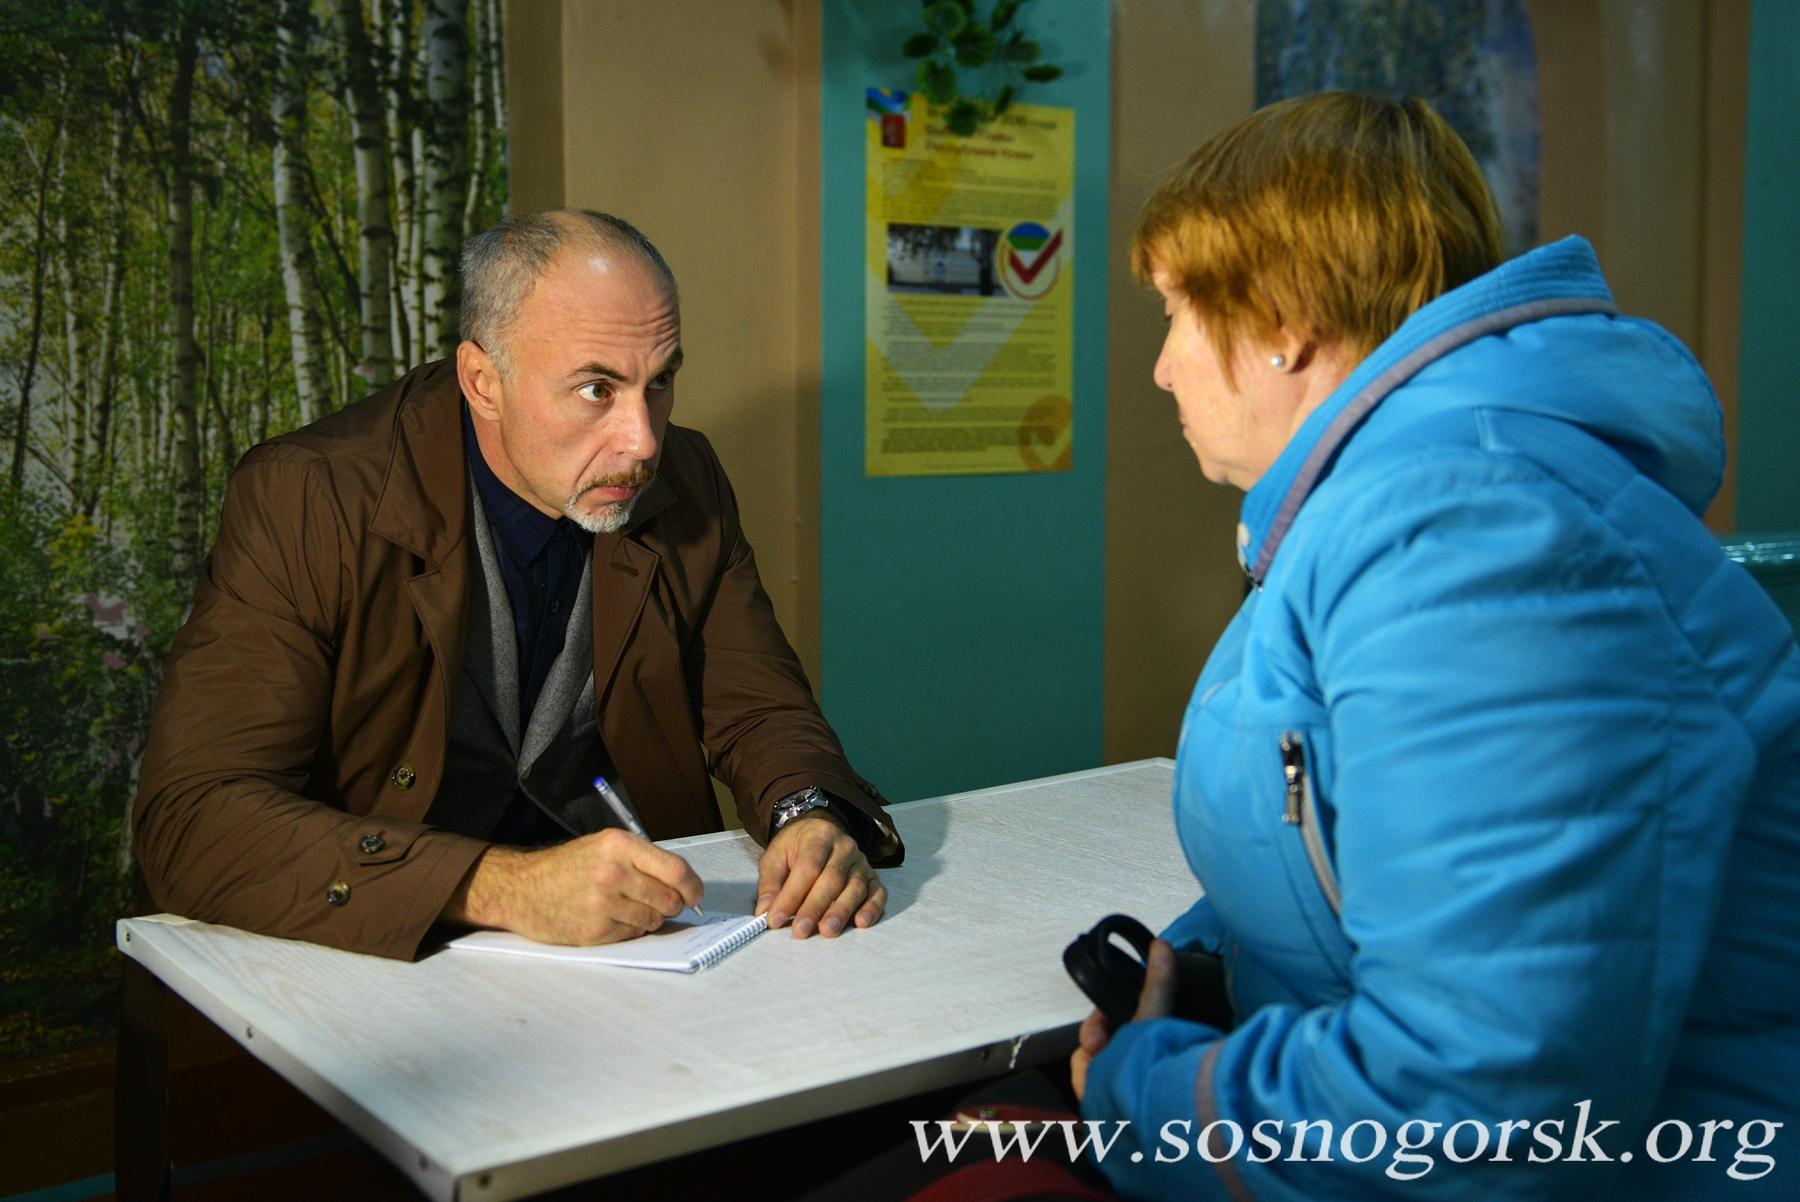 В день выборов сосногорцы  смогли не только проголосовать, но и получили возможность обратиться к депутатам  напрямую